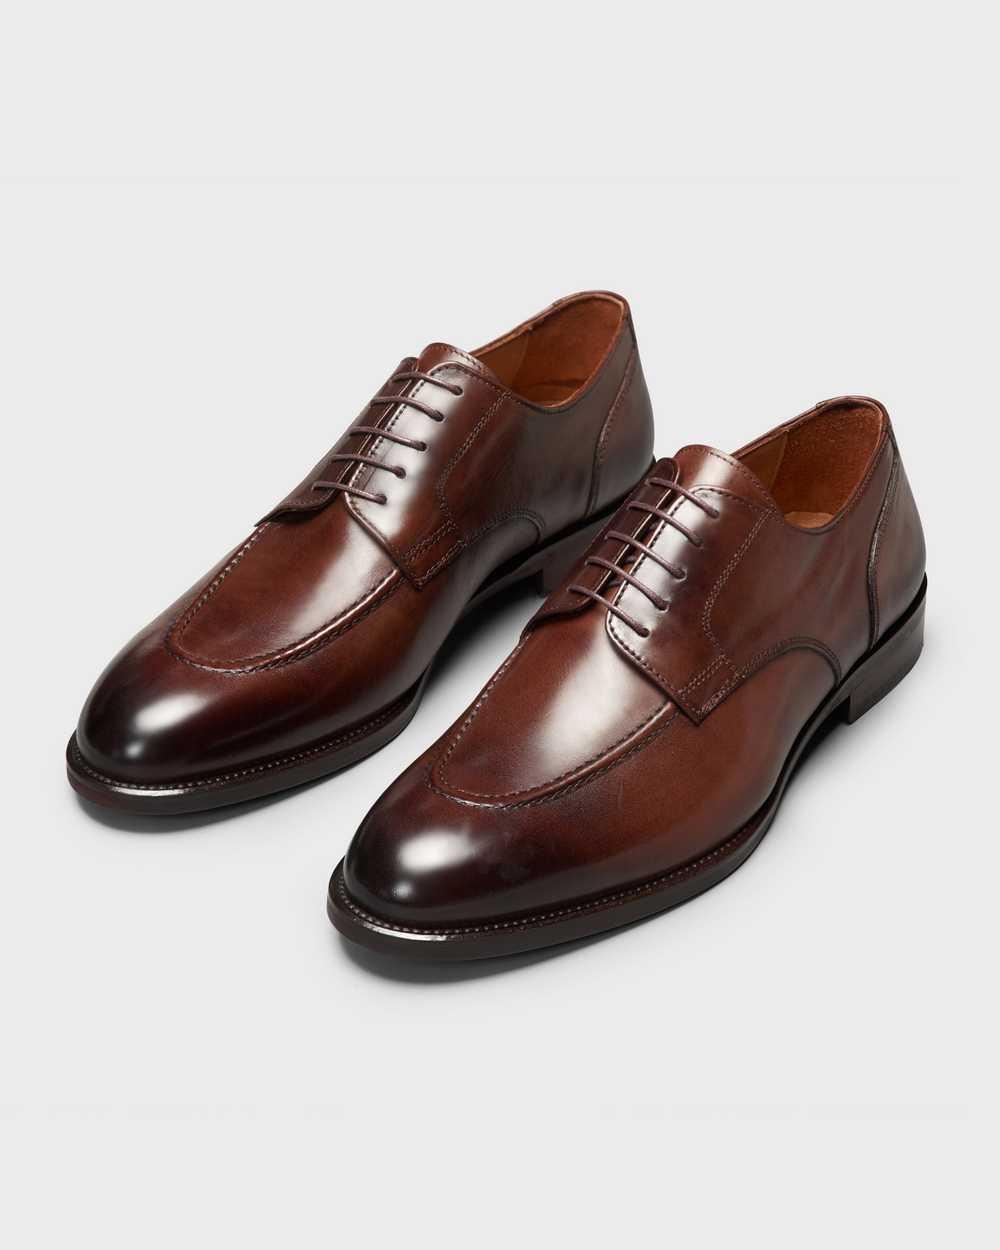 Туфли мужские дерби коричневые с полукруговым швом на мыске (moc toe)